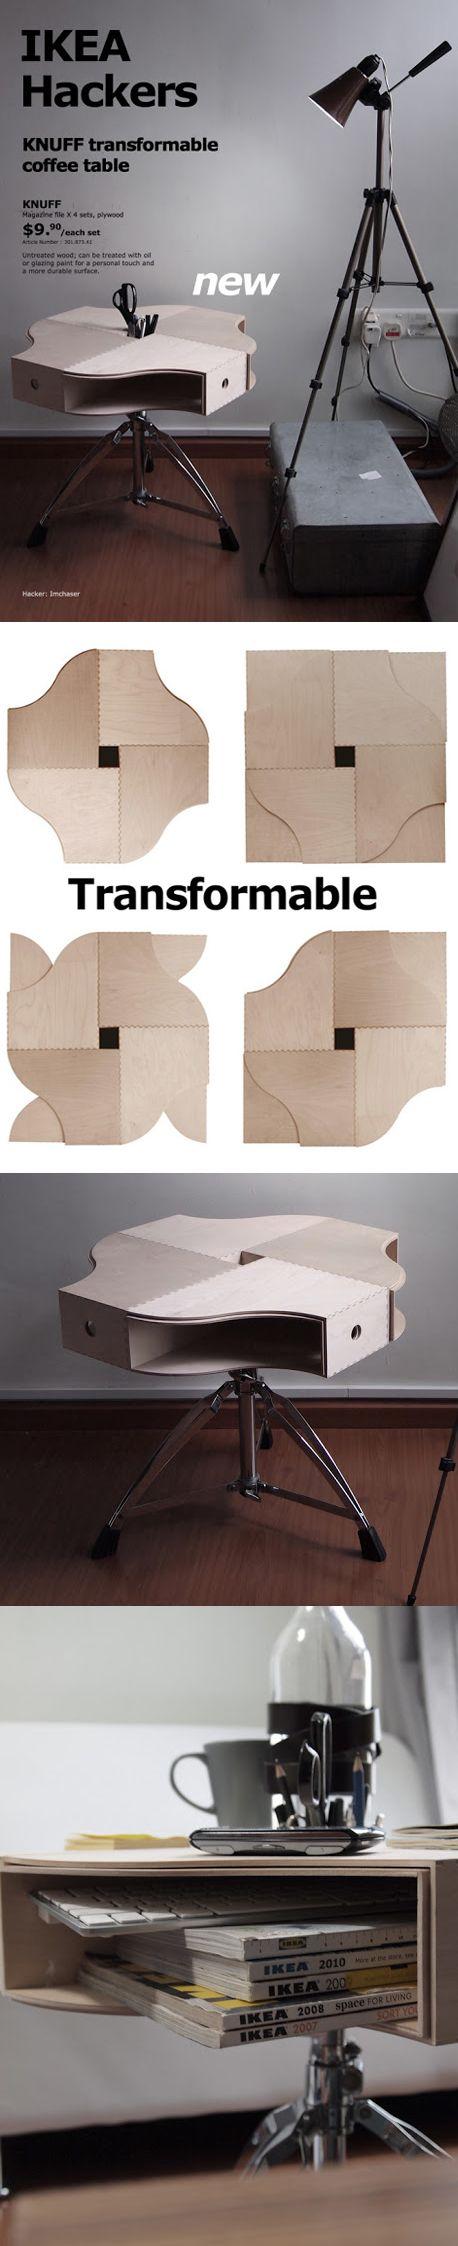 Mesita de café con taburete y archivadores de Ikea / ikeahackers